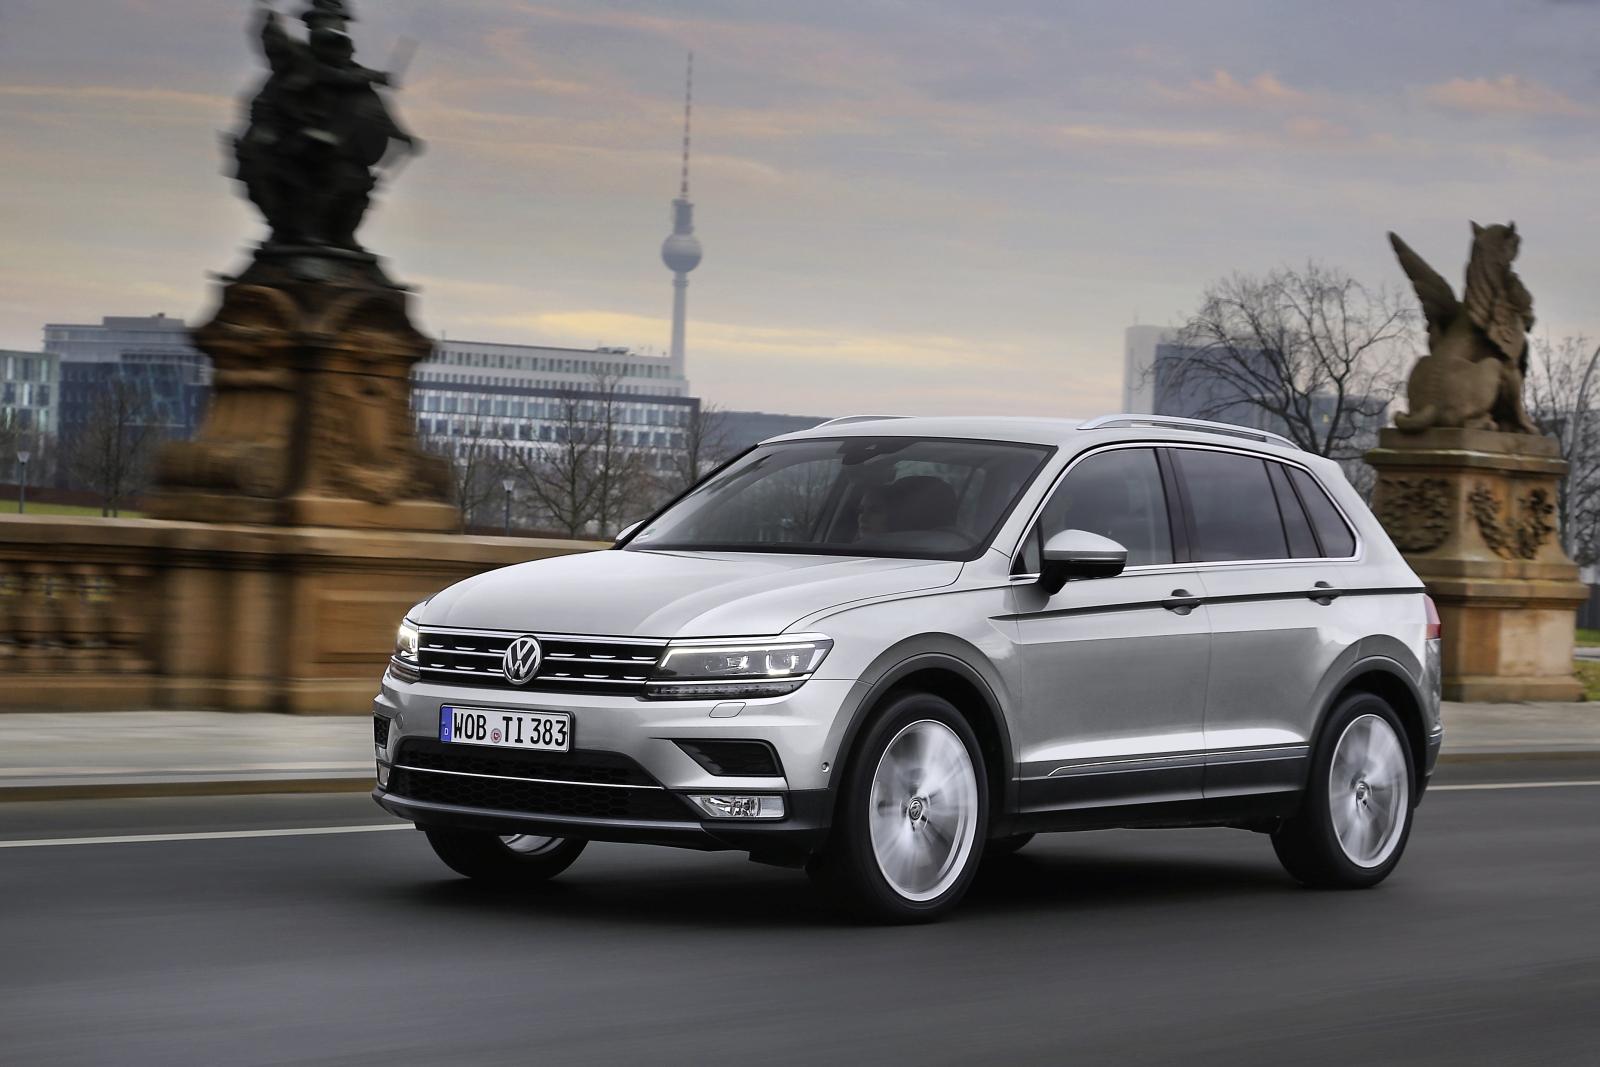 Volkswagen Tiguan India Launch In May 2017?   Motoroids